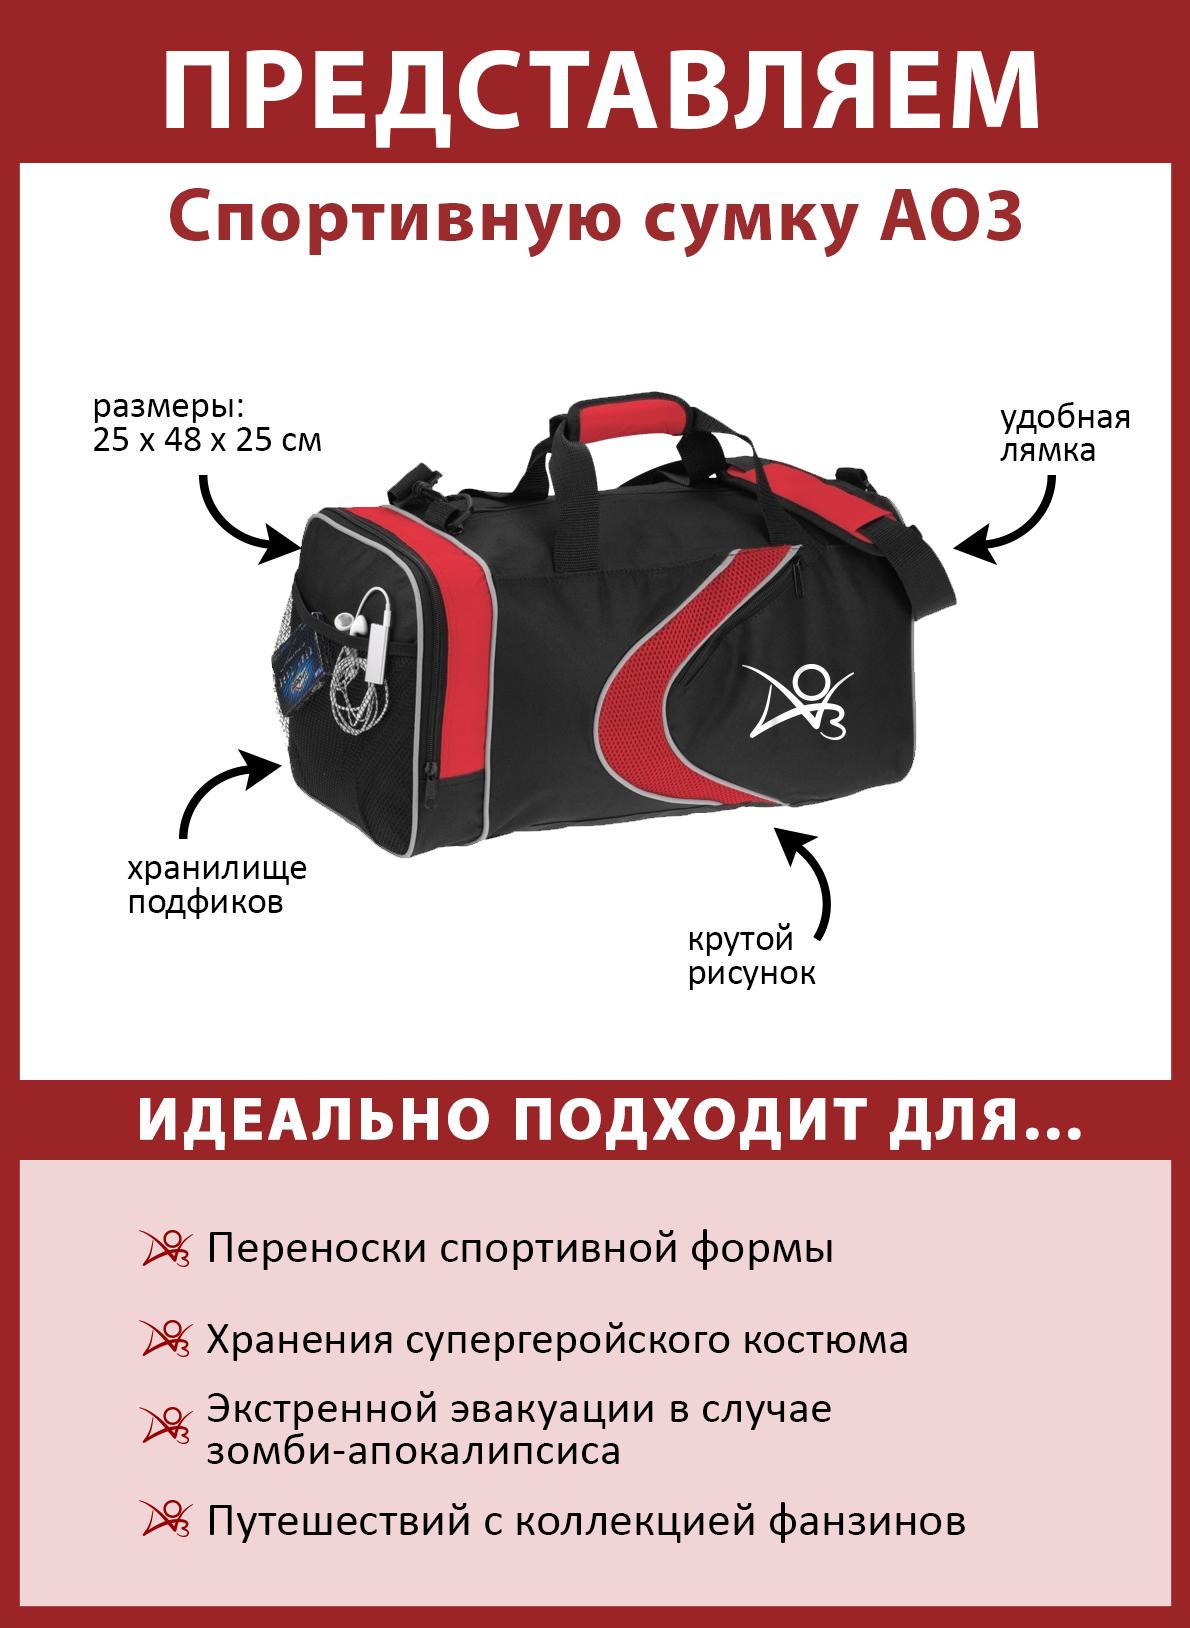 Представляем вам спортивную сумку AO3. Она черного цвета с красными вставками, красной галочкой и белым лого AO3 сбоку. Размеры у нее следующие: 25 x 48 x 25 см. У нее есть удобный ремень, позволяющий носить ее на плече, а также боковой карман, идеально подходящий для хранения подфиков. Сумка просто создана для ношения спортивной одежды или супергеройского костюма, а еще ее можно использовать в качестве спасительной сумки в зомби-апокалипсис или для путешествий с собственной коллекцией фэнзинов.